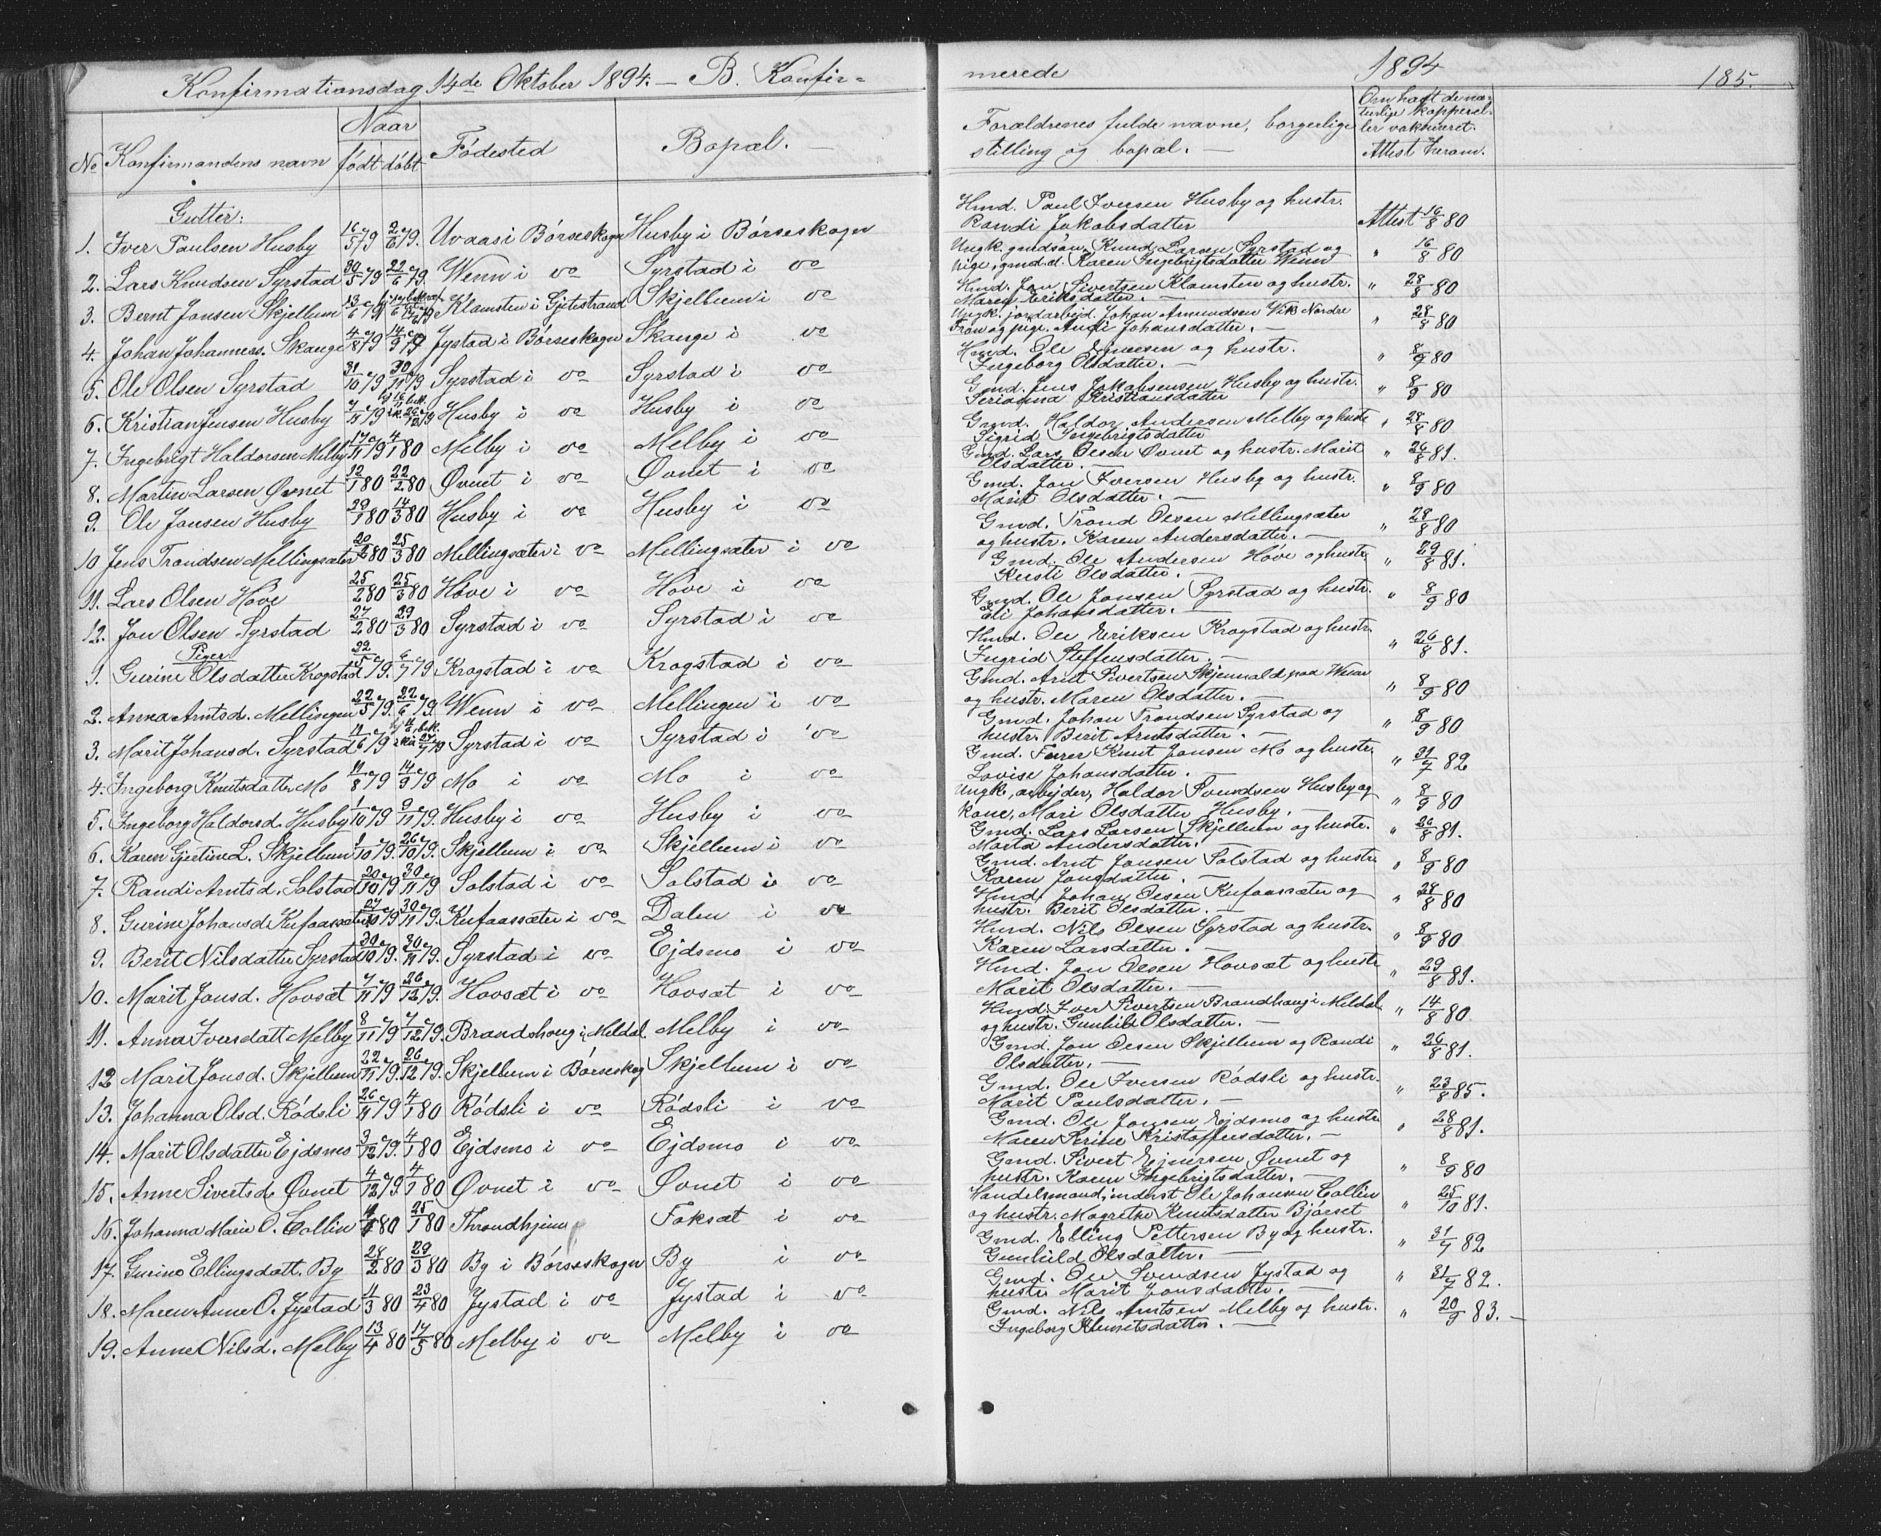 SAT, Ministerialprotokoller, klokkerbøker og fødselsregistre - Sør-Trøndelag, 667/L0798: Klokkerbok nr. 667C03, 1867-1929, s. 185